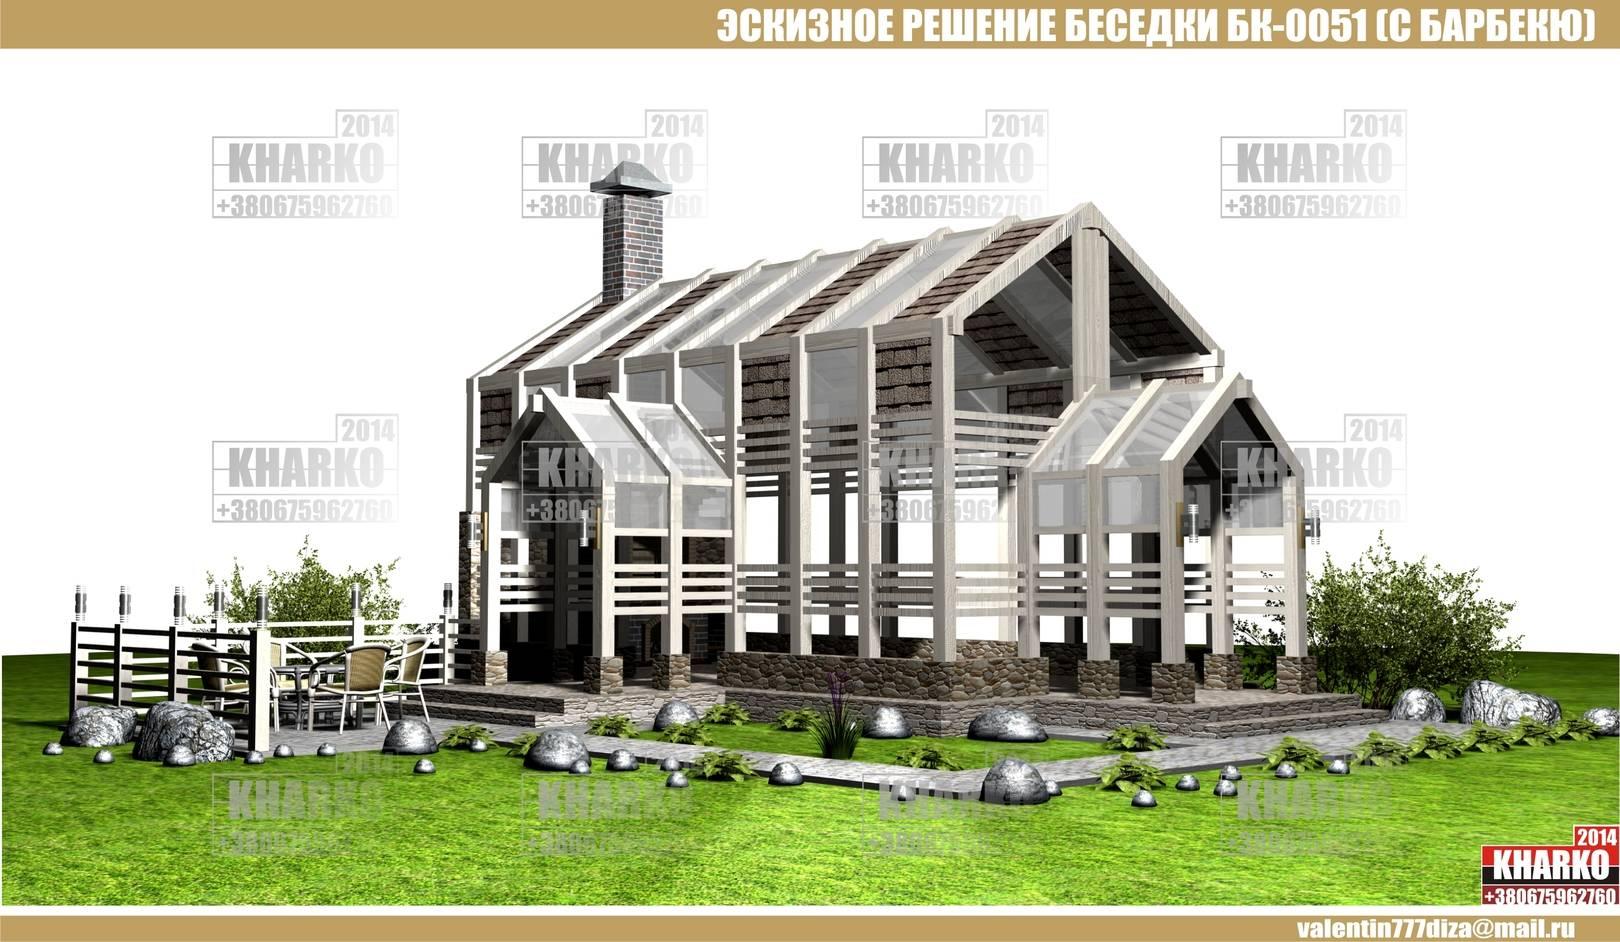 проект беседки БК-0051 (С барбекю), project pergola, gazebo, shed  общая площадь беседки- 32,2м. кв. эксплуатируемая площадь беседки- 26,4 м.кв. габаритные размеры - 6,2 м. на 9,2 м. тип фундамента-монолитный ж/б материал наружной стены и опор-кирпич, бетон,дерево тип кровли-битумная черепица Наружная отделка цоколя -декоративный камень Стоимость проекта- 1200 грн.